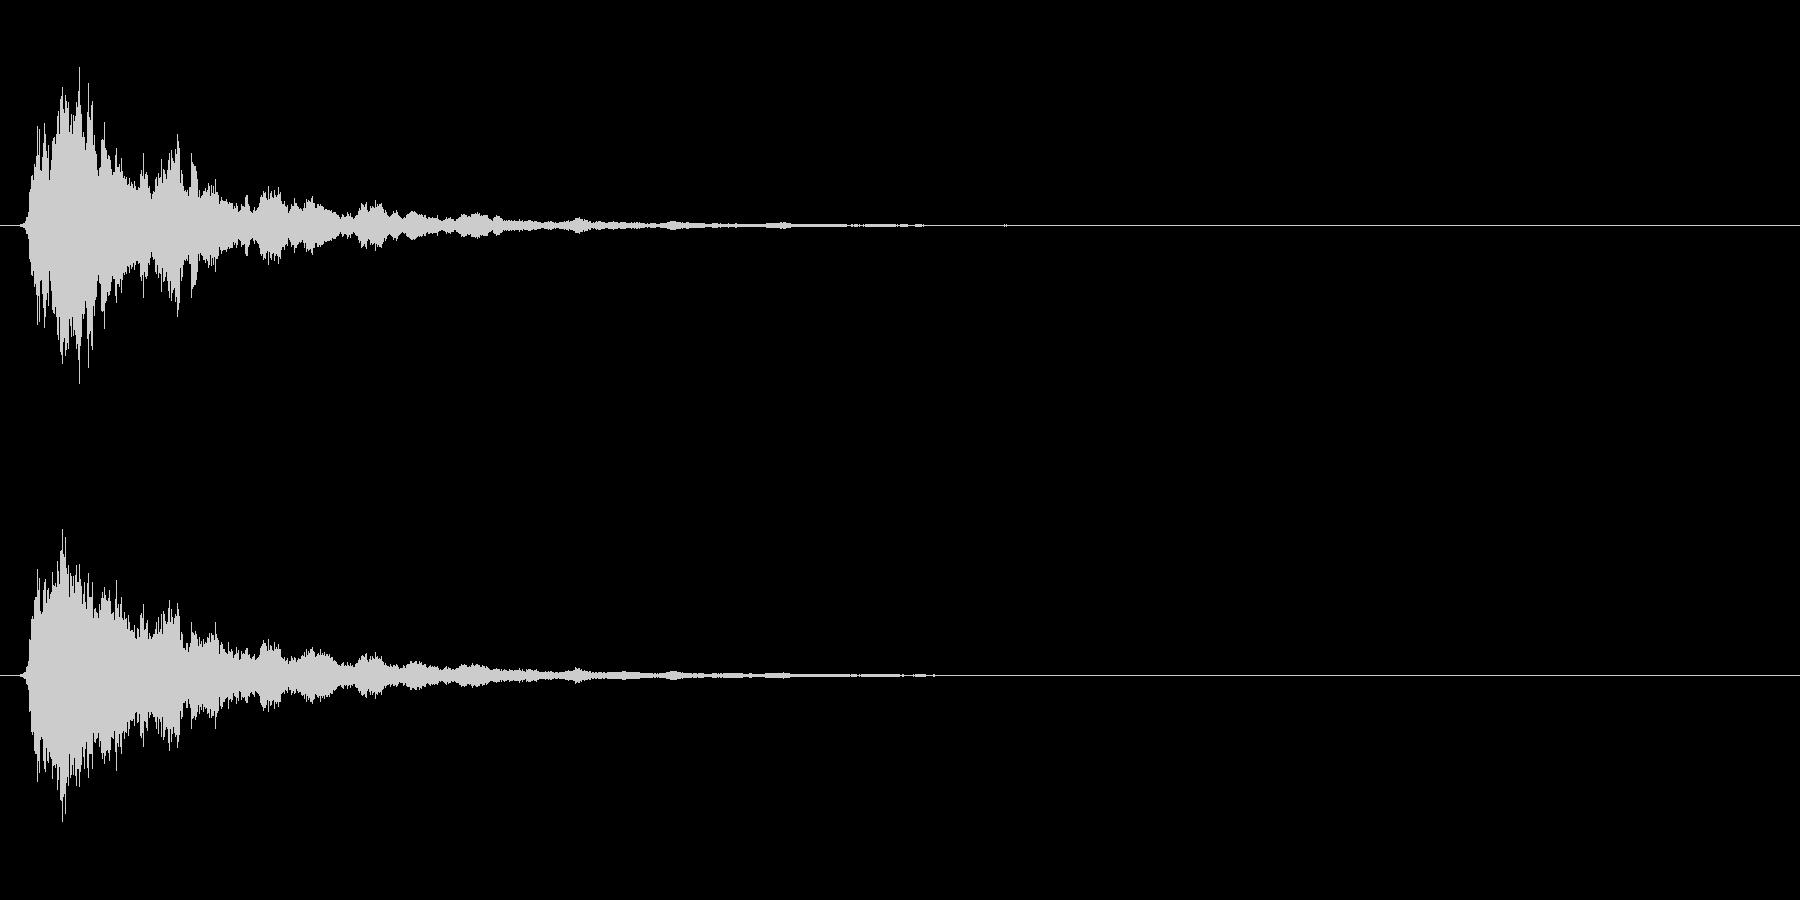 ホラー系のSEの未再生の波形